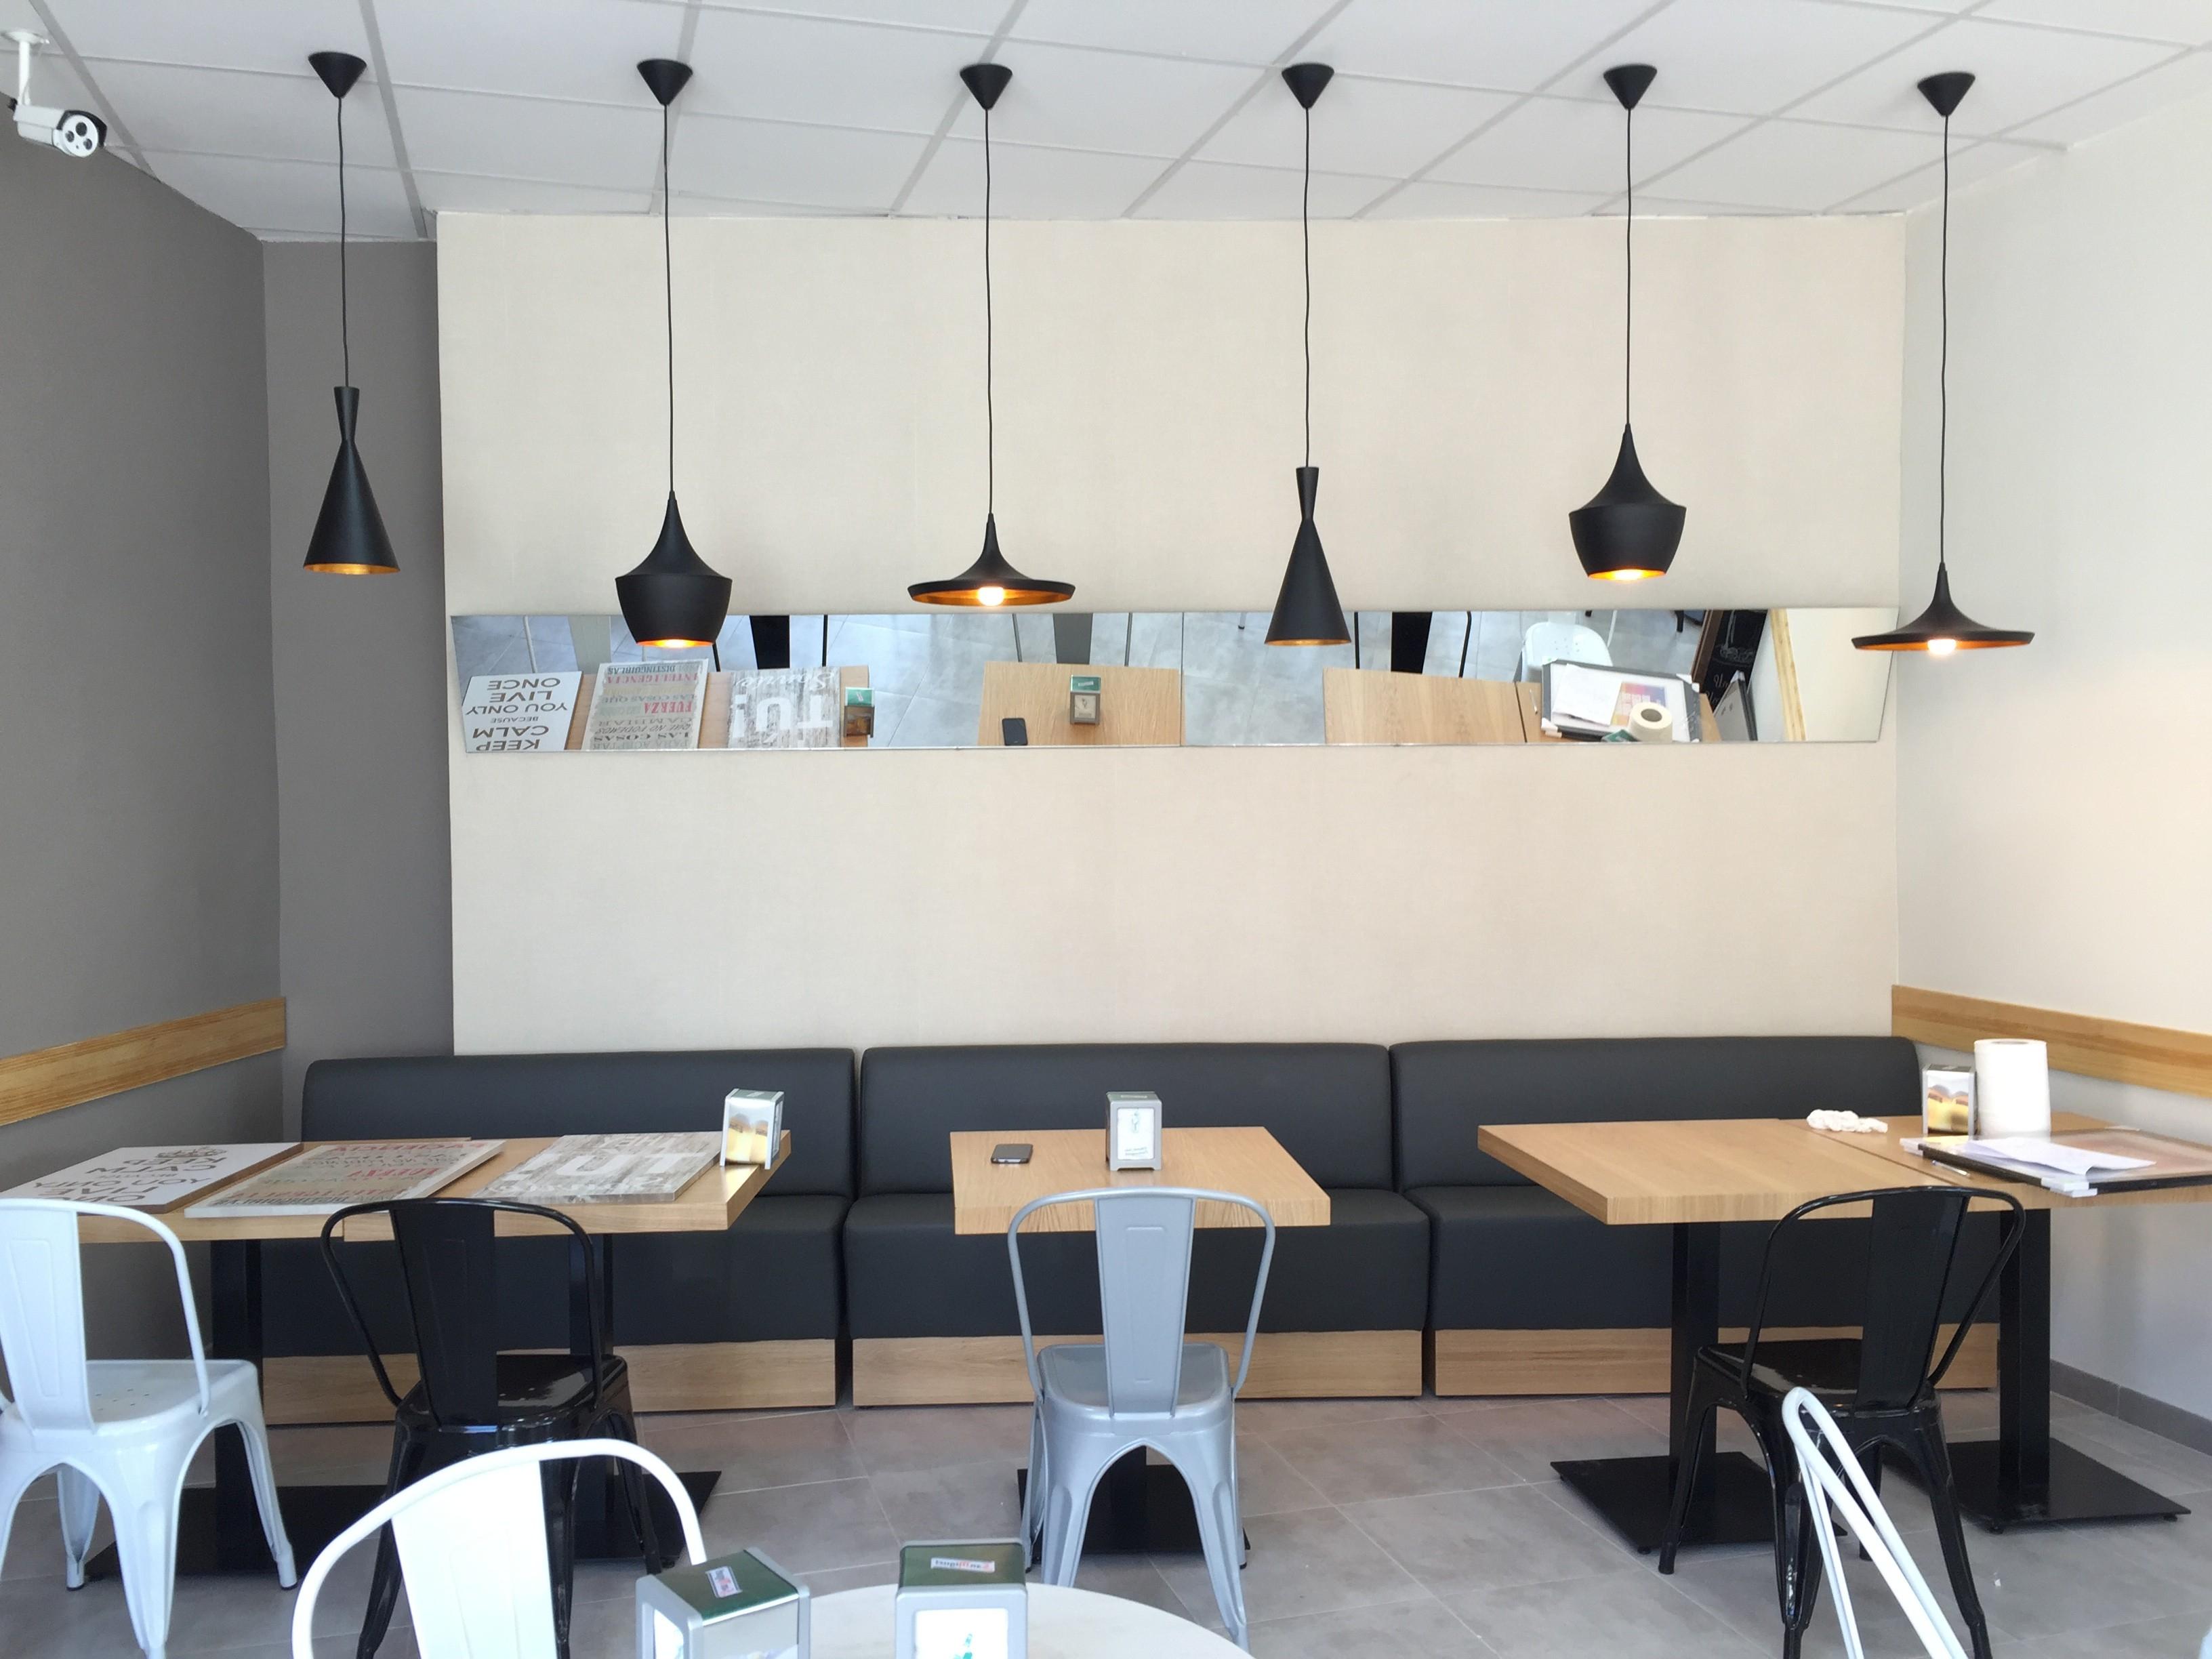 Mobiliario Para Bar Ipdd Tienda De Muebles Online Para Negocios De Hostelerà A Sillasmesas